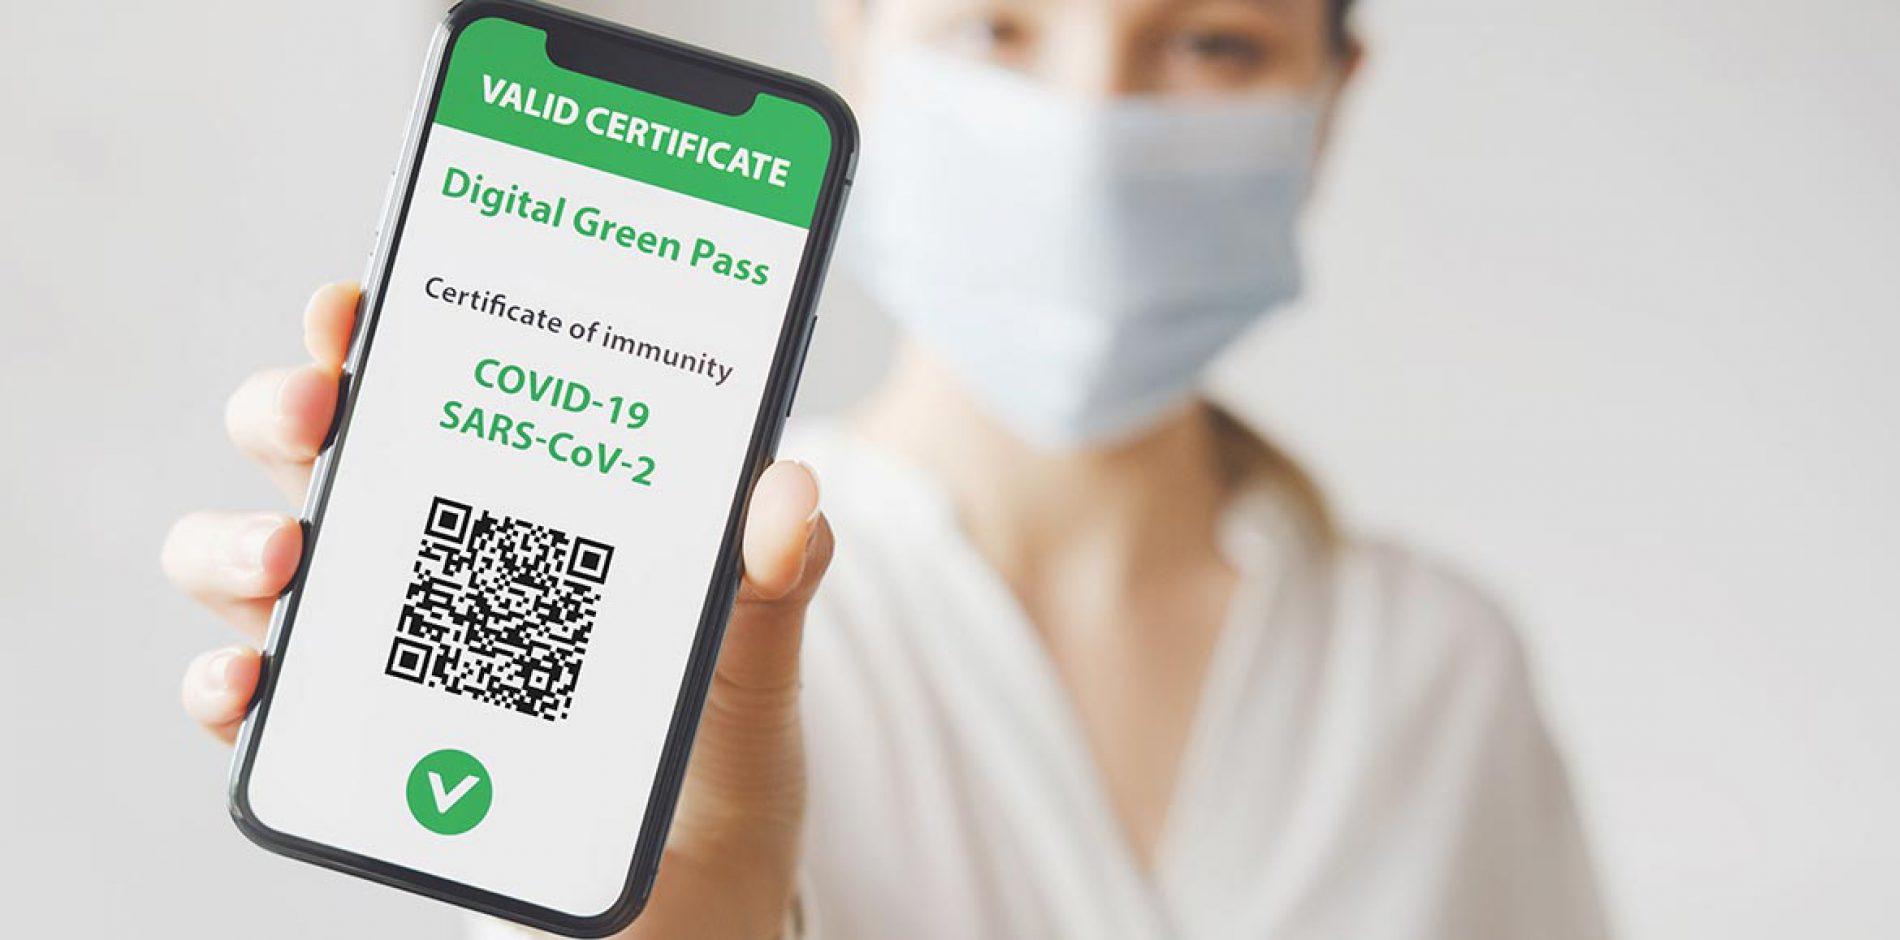 Green pass: ipotesi obbligo vaccinale sul luogo di lavoro